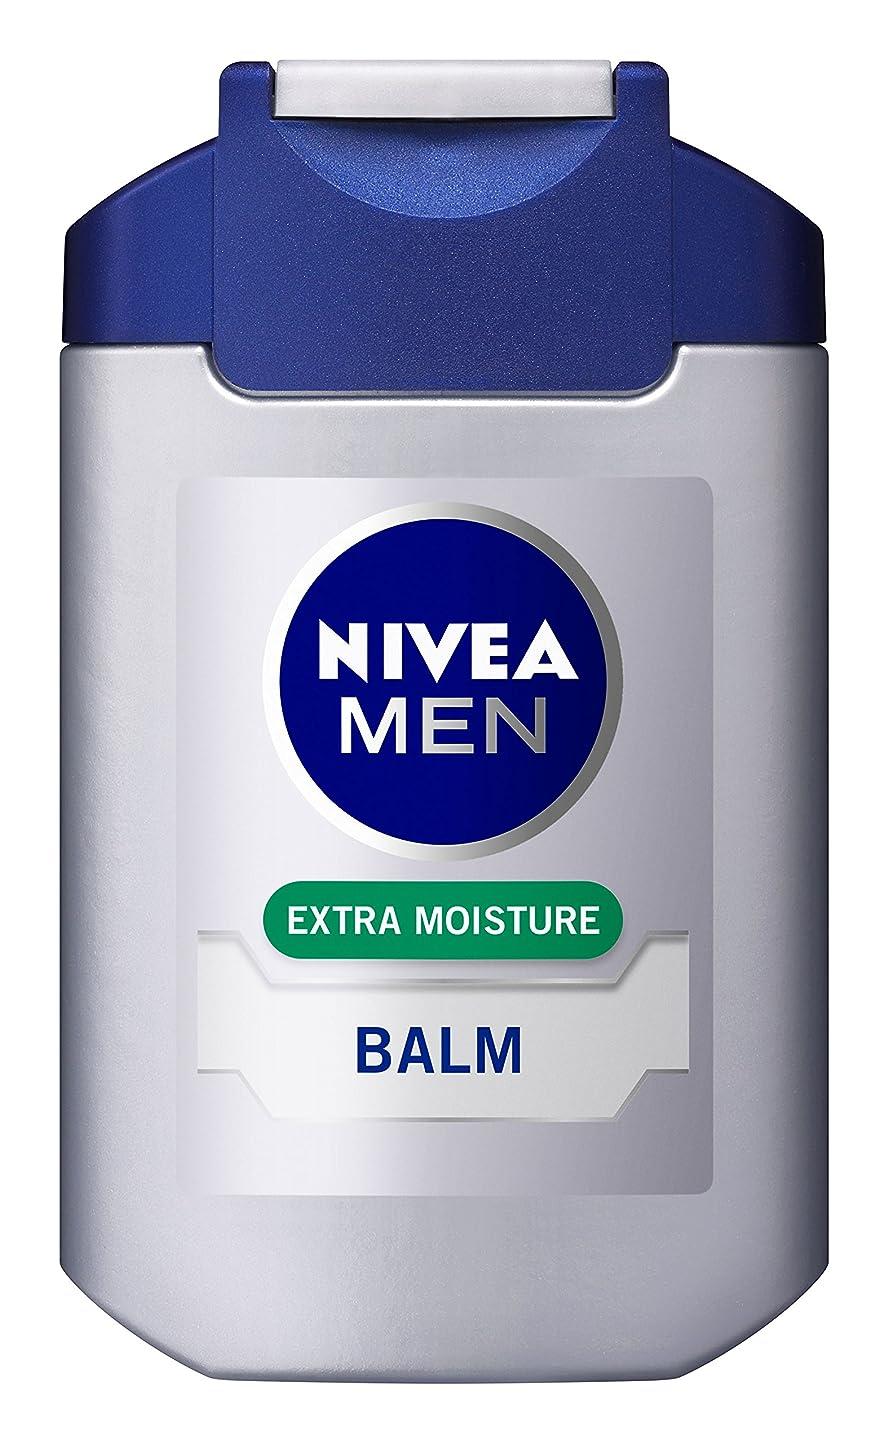 肝計算可能商標ニベアメン エクストラモイスチャーバーム 100g 男性用 乳液